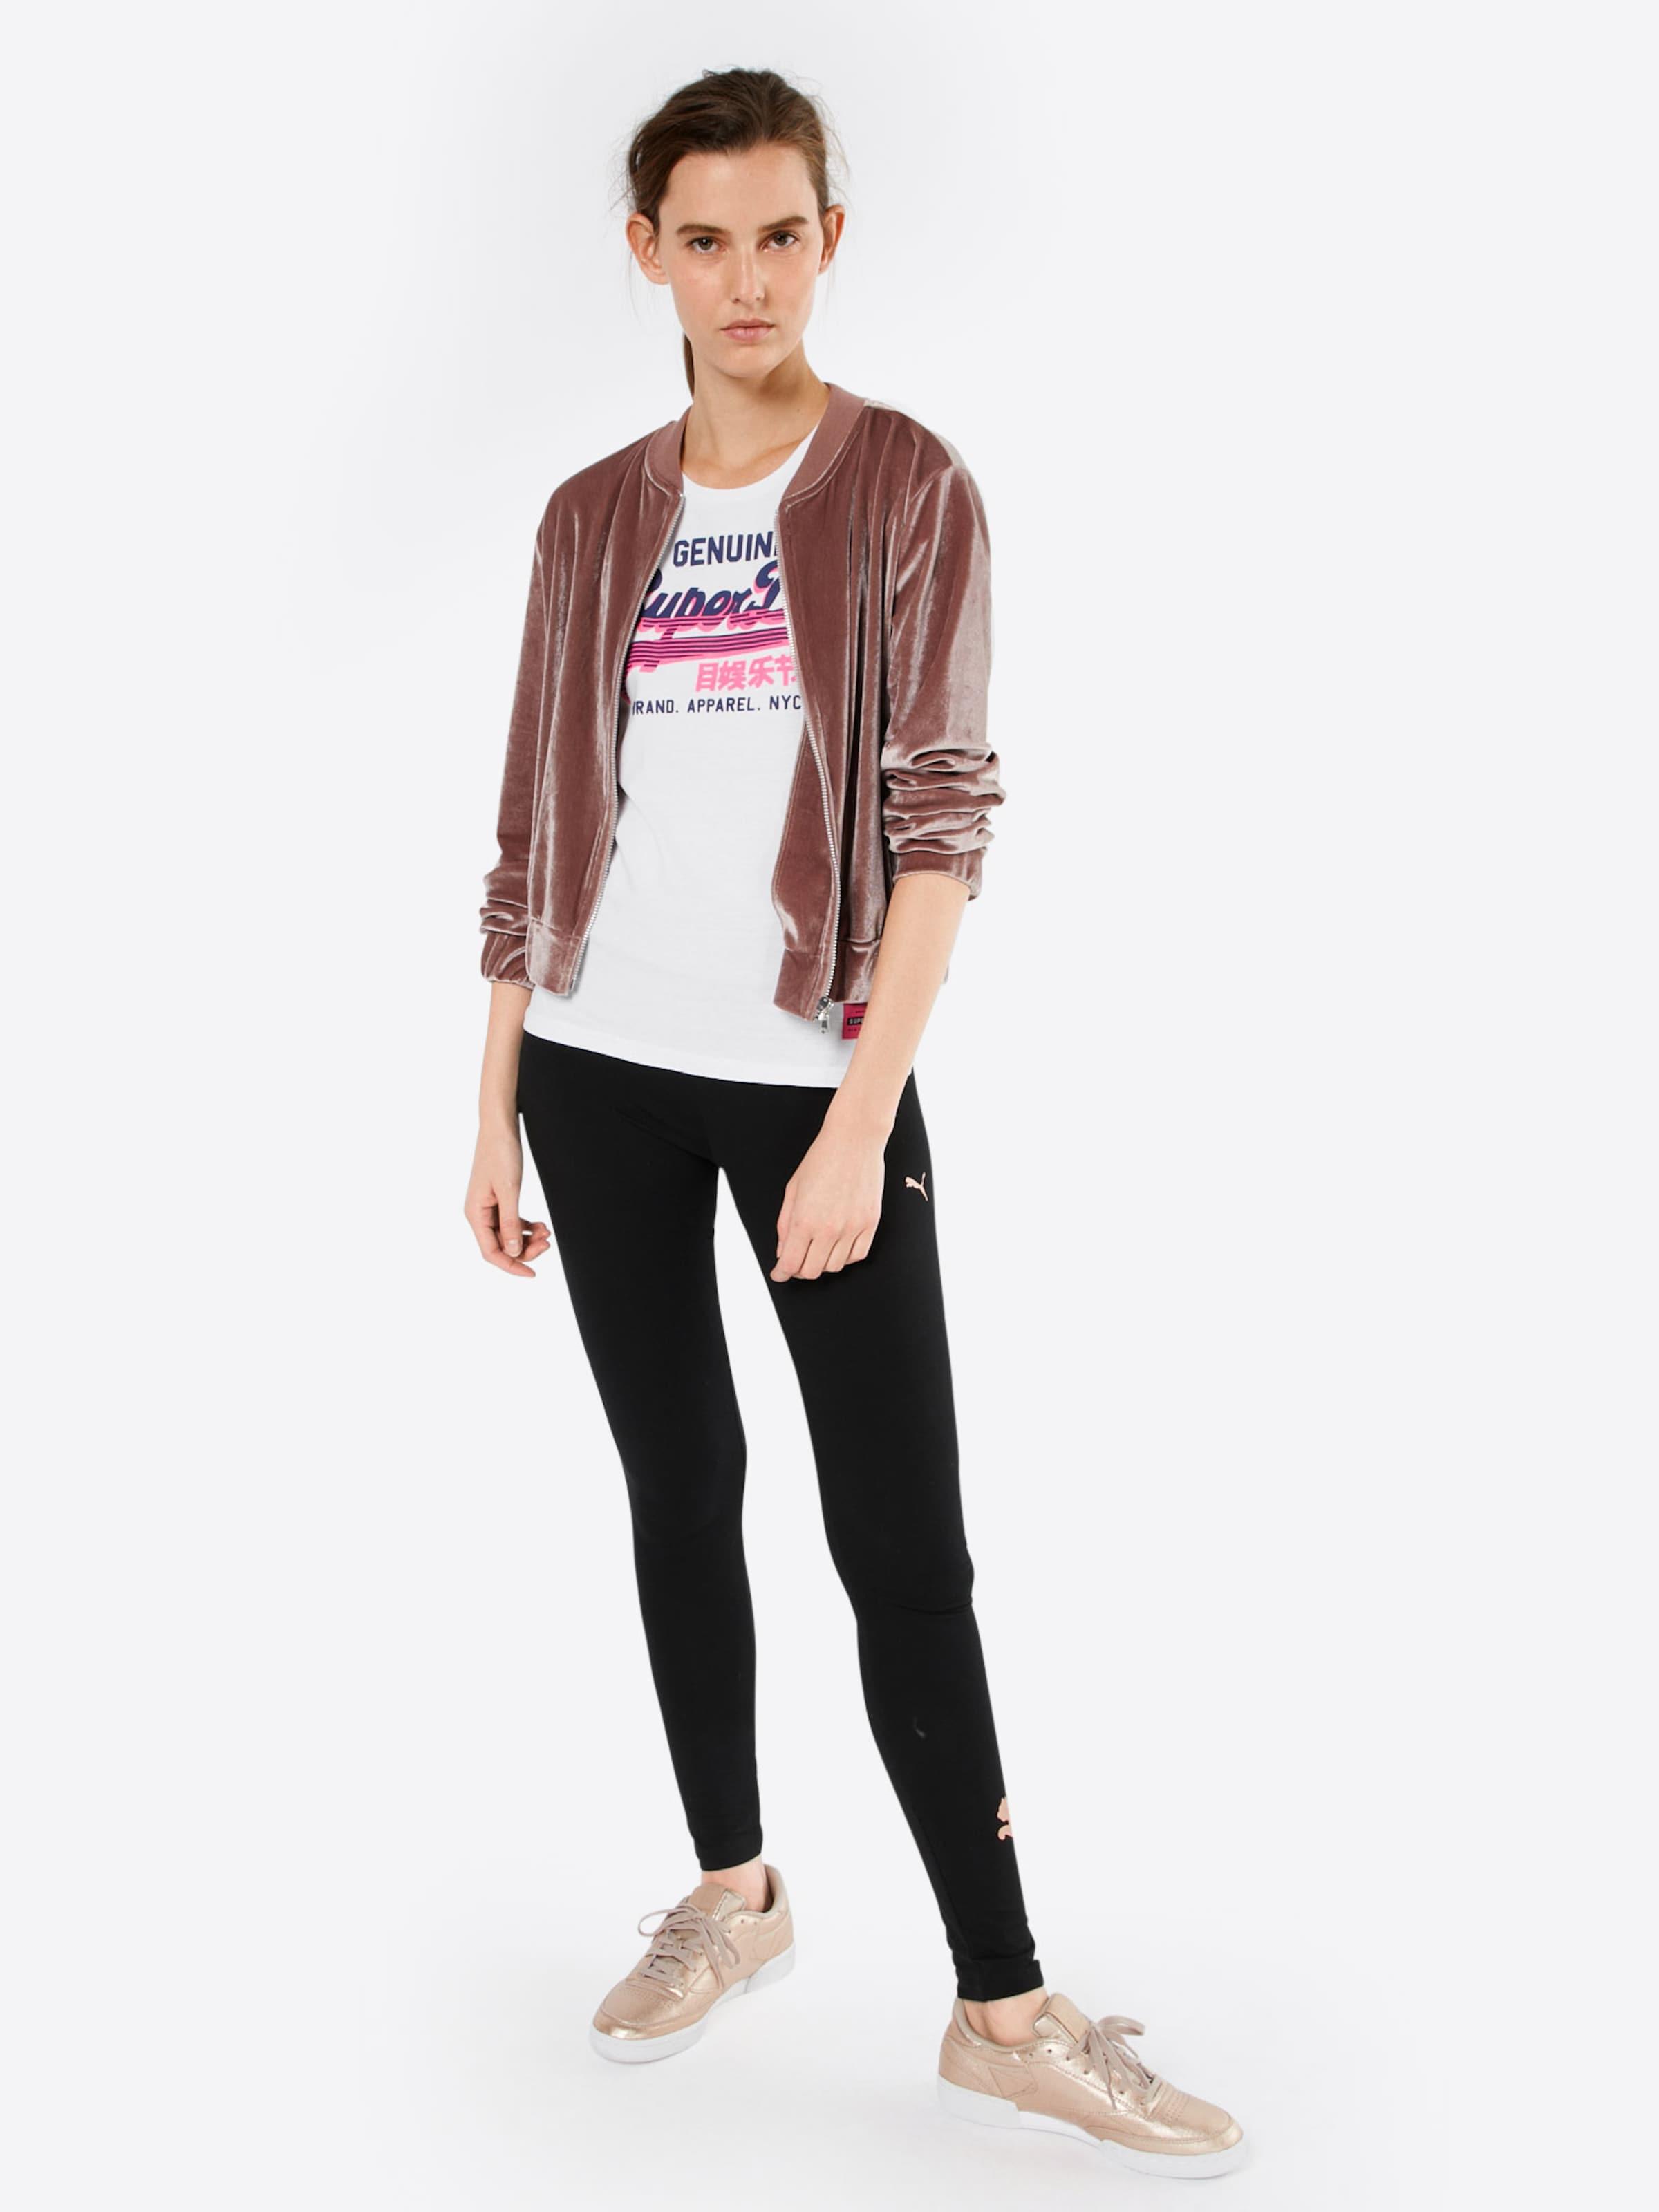 Superdry T-Shirt 'VINTAGE LOGO GENUINE ENTRY' Billig Verkaufen Die Billigsten Auslass Geniue Fachhändler 2018 Unisex Günstig Online S95BjP